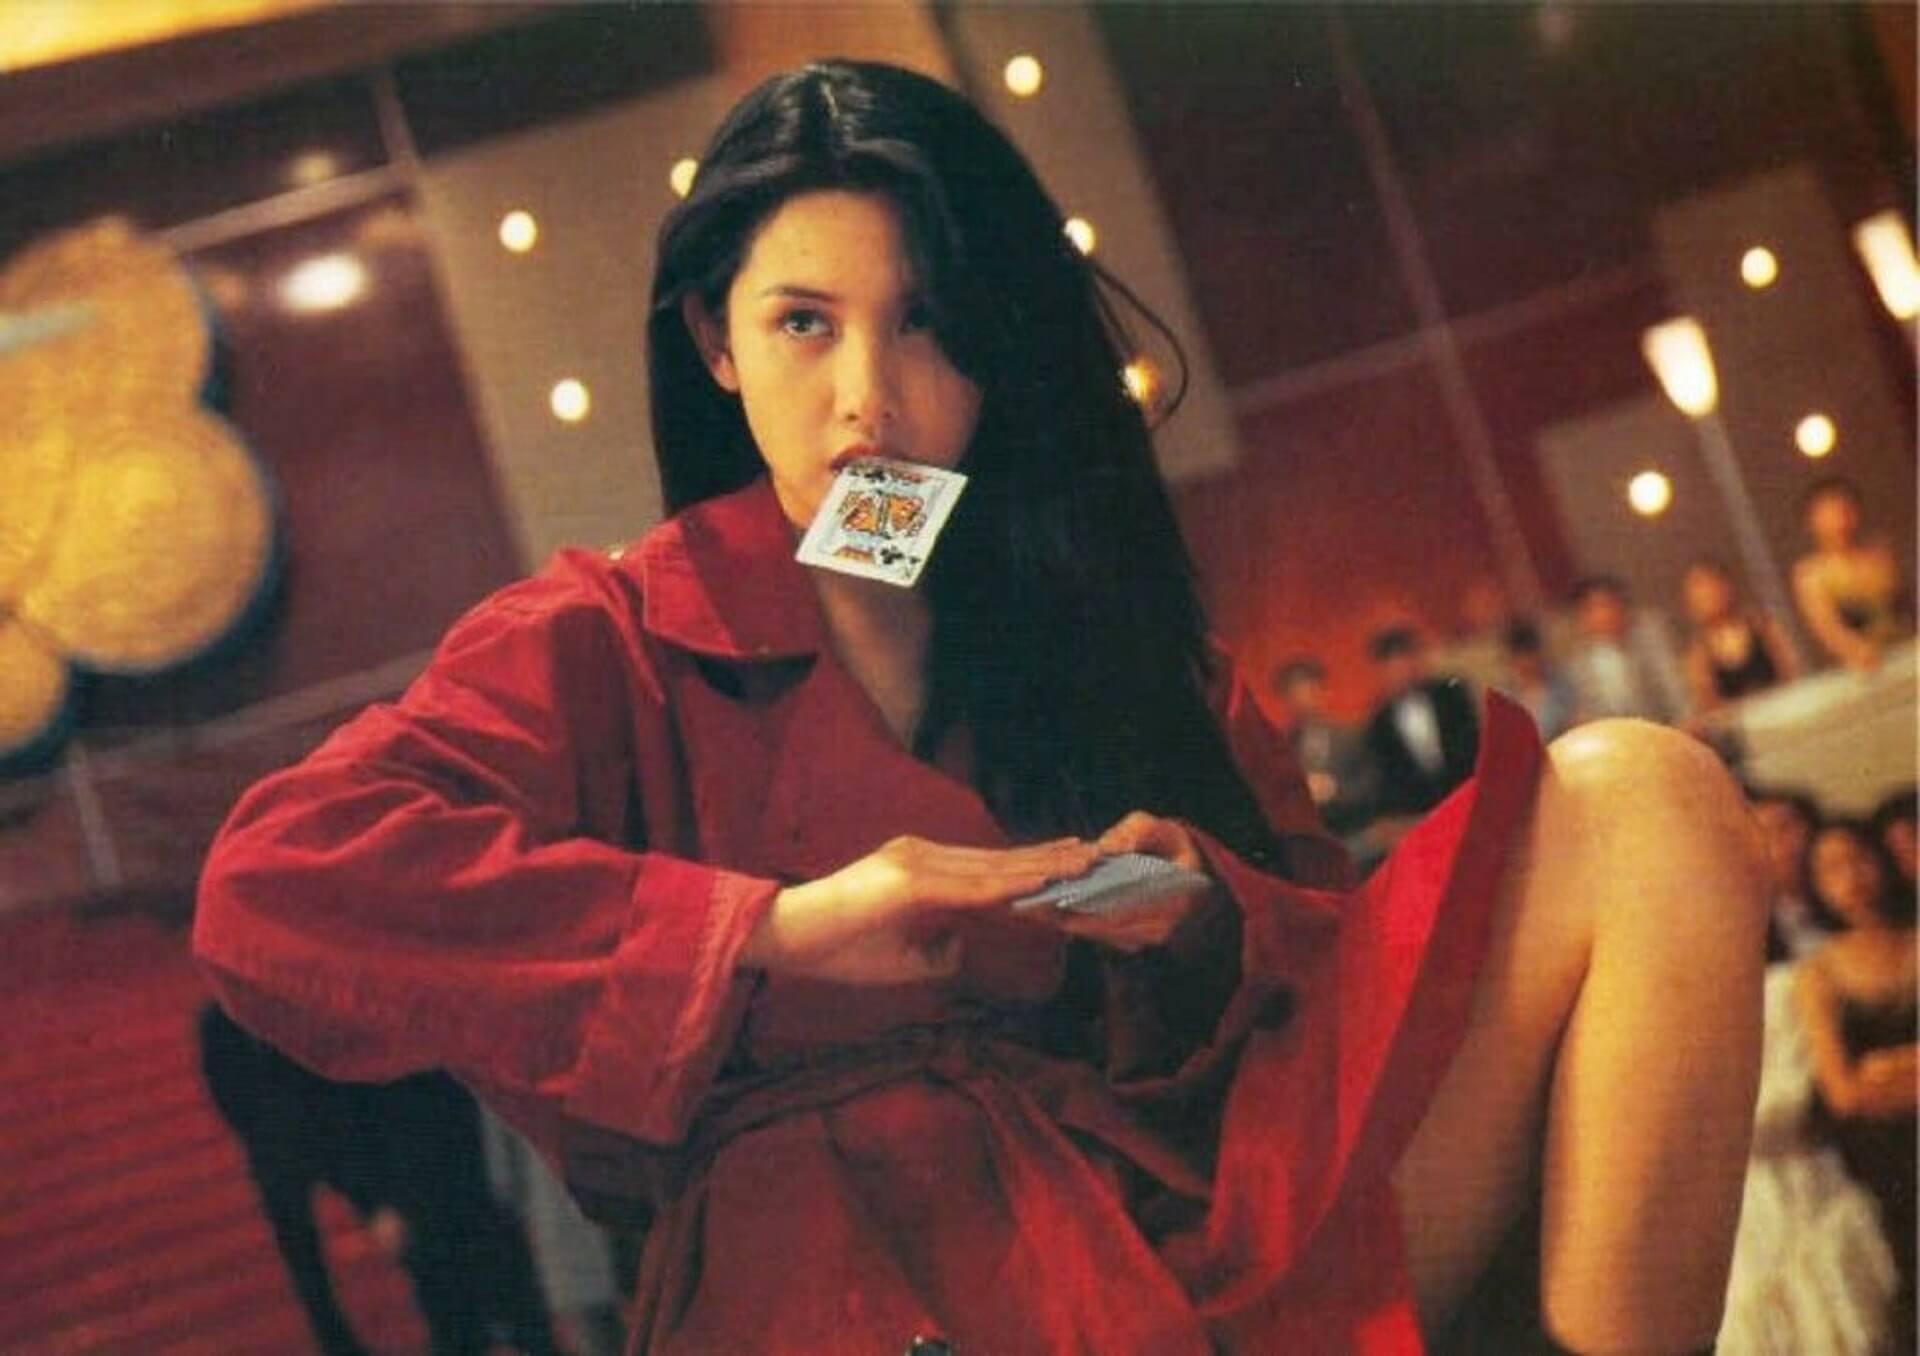 《賭神2》中海棠一角極其驚艷